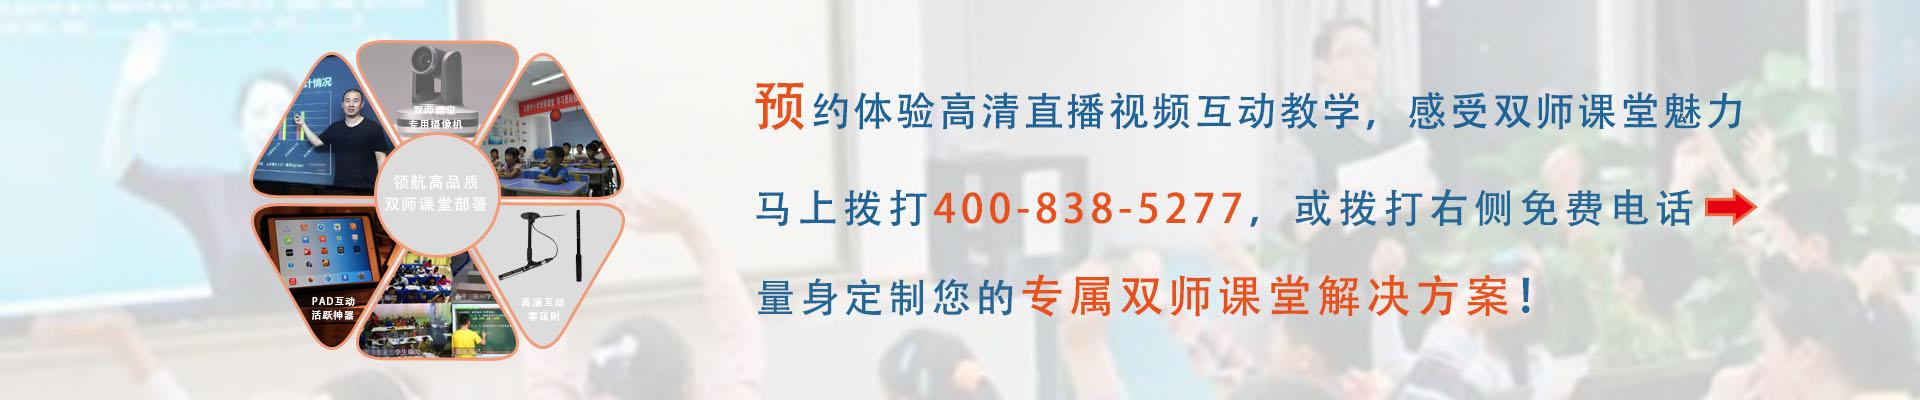 双师课堂定制解决方案.jpg